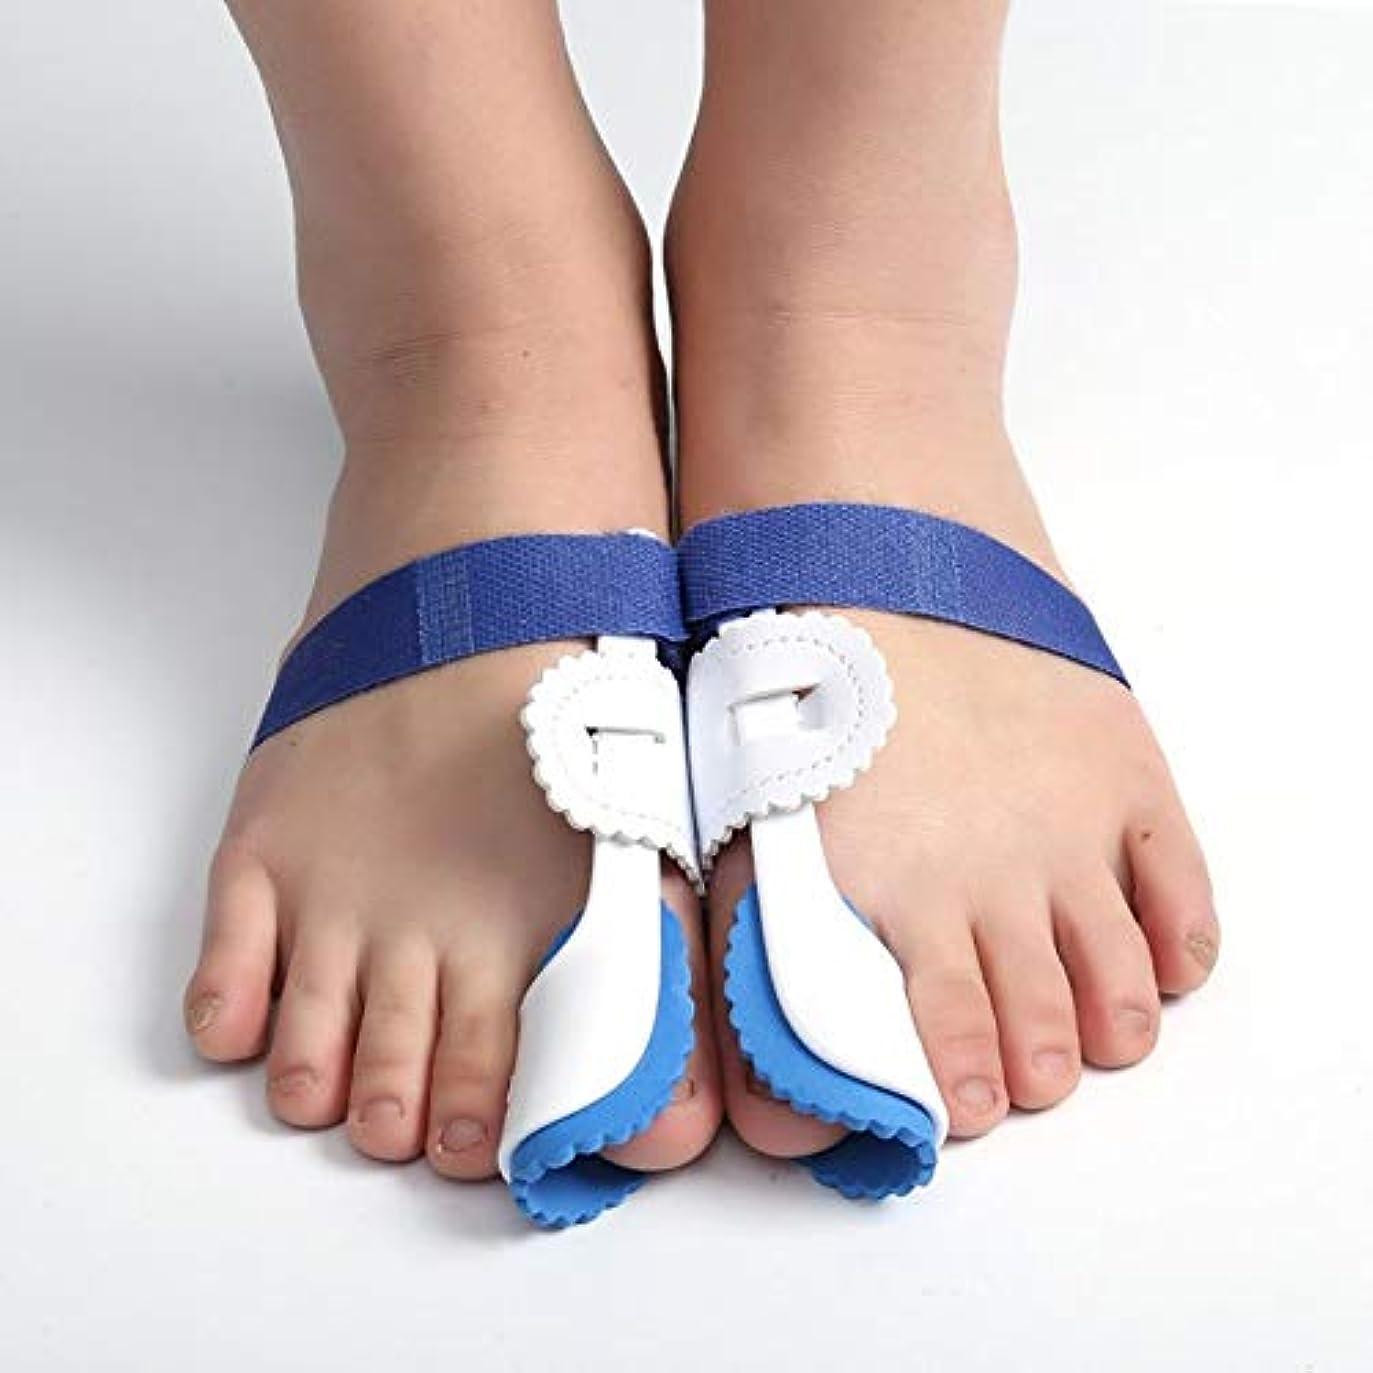 下位忌まわしい実業家足装具の足プロテクター、ハンマー足救済キットのための調節可能なベルクロつま先ストレートヘアアイロン